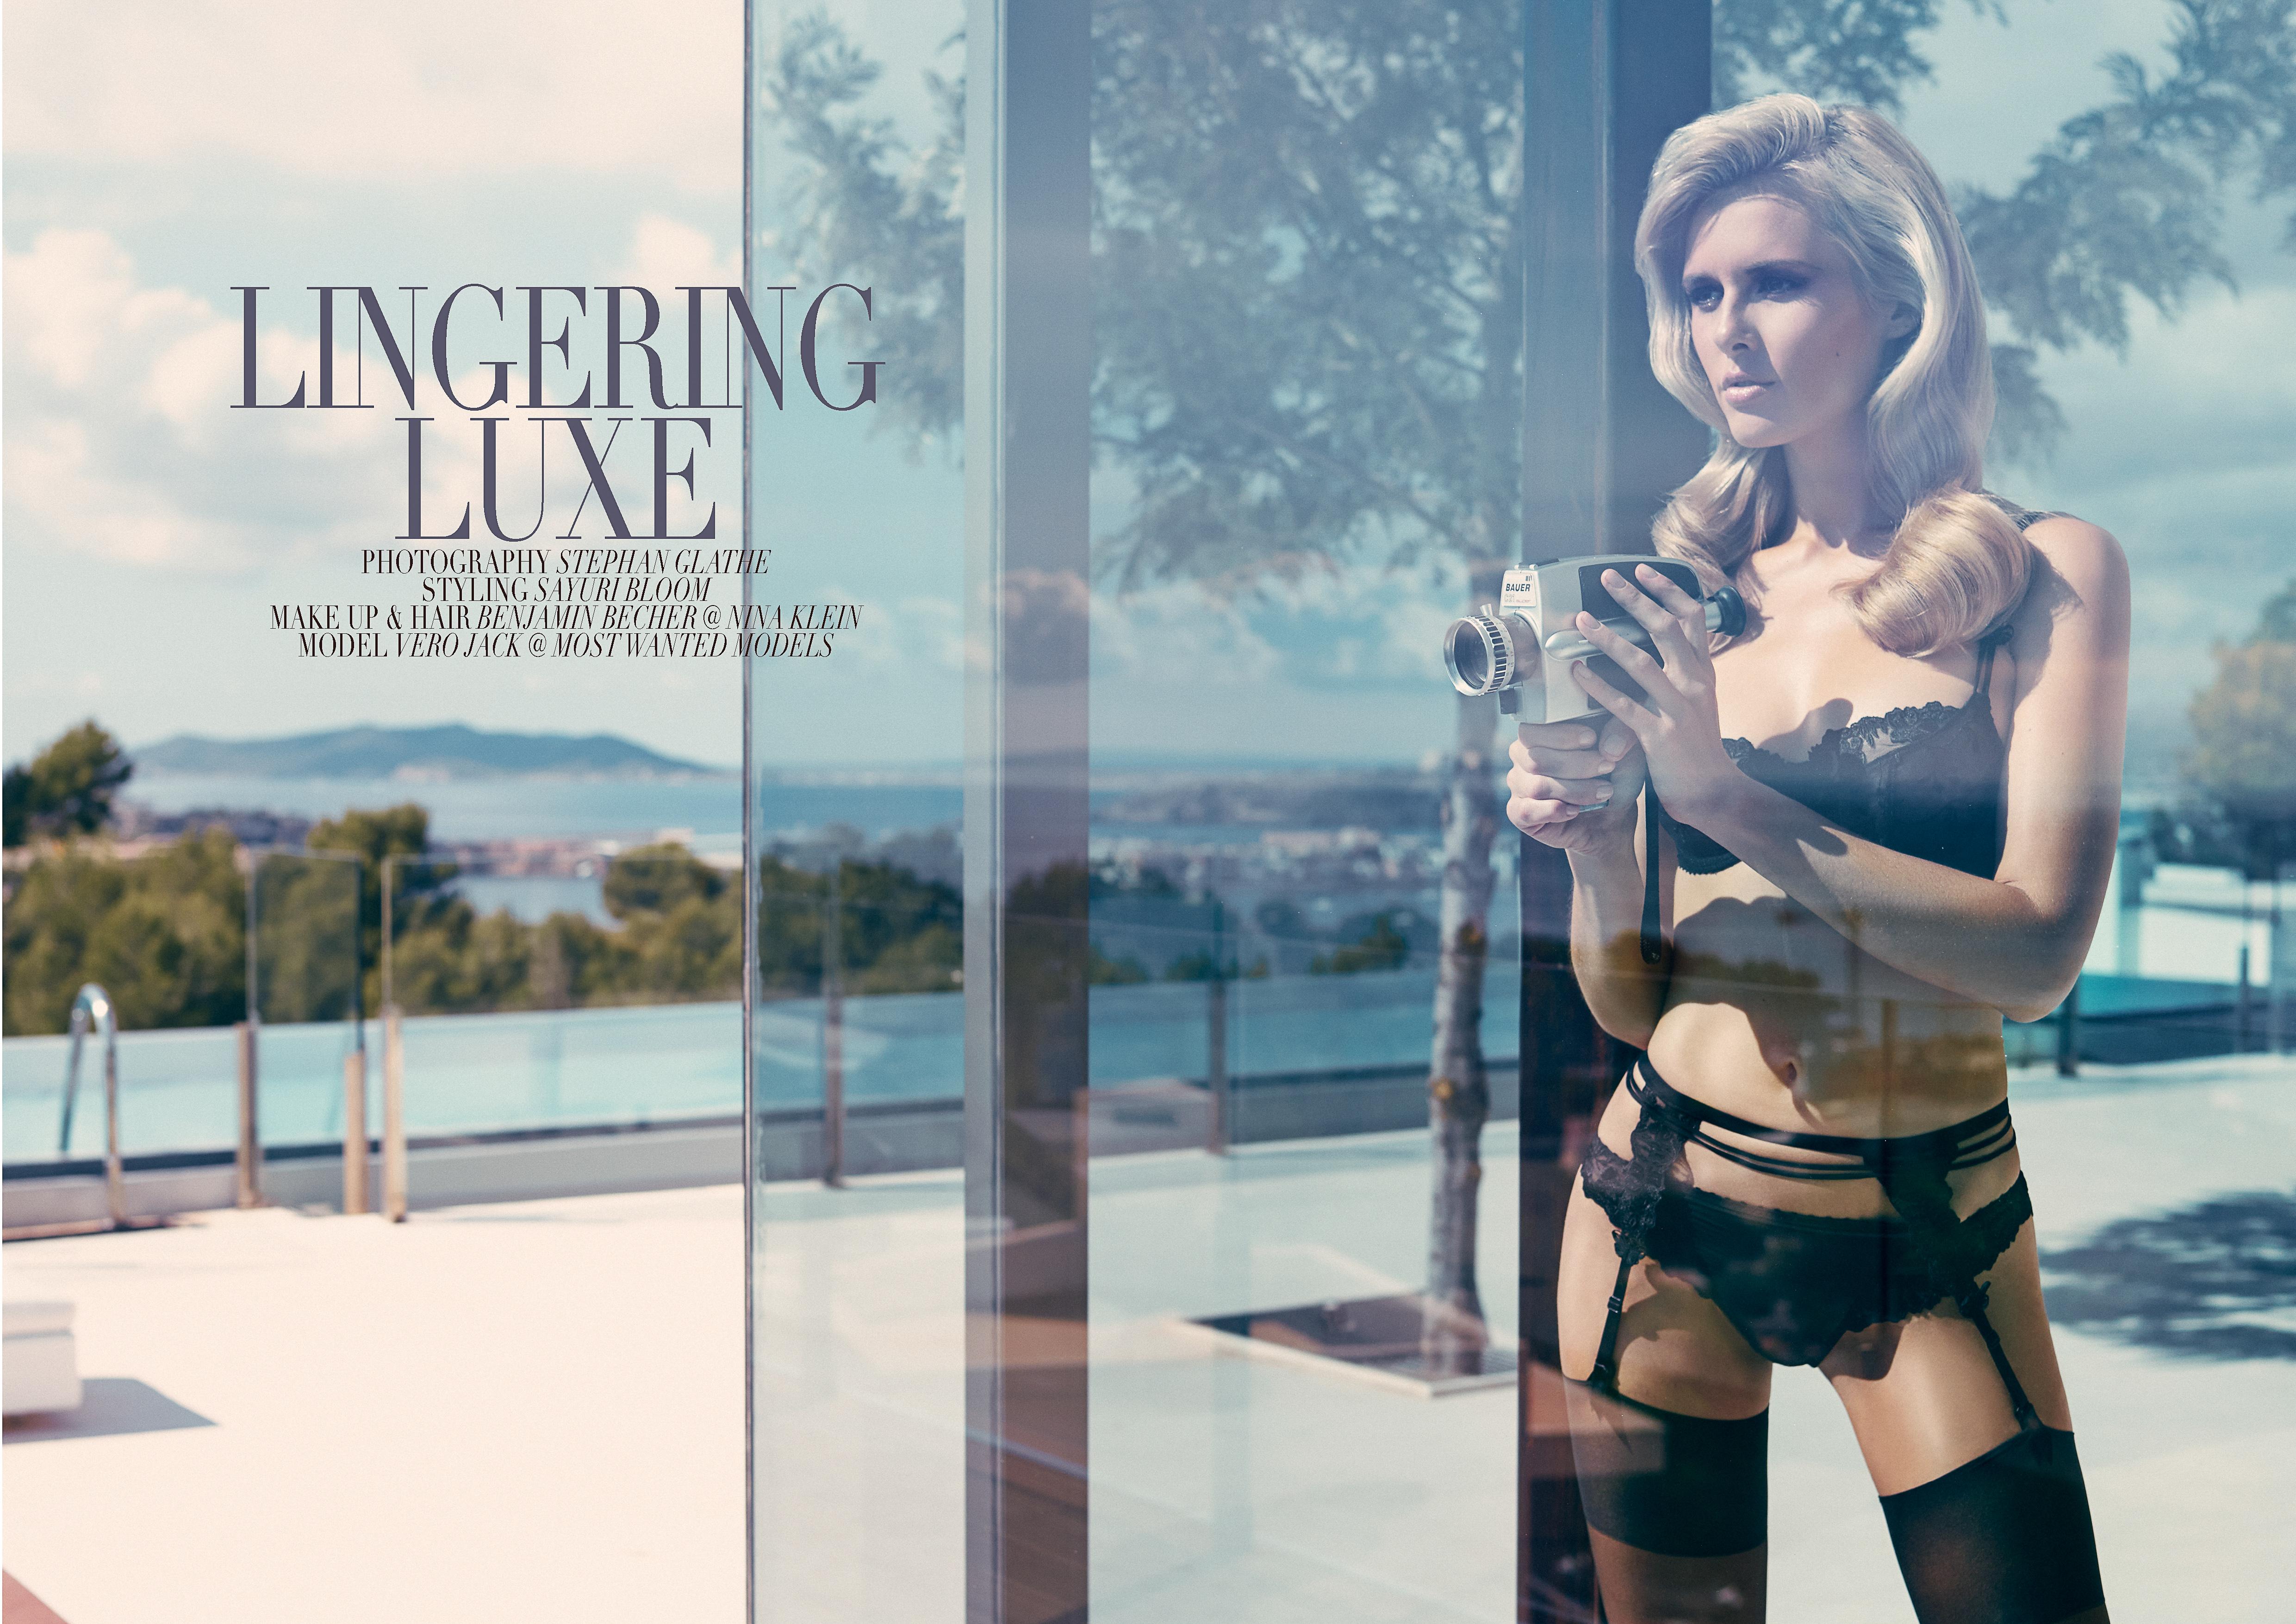 Vero Jack Model Lingering_Luxe_Editorial